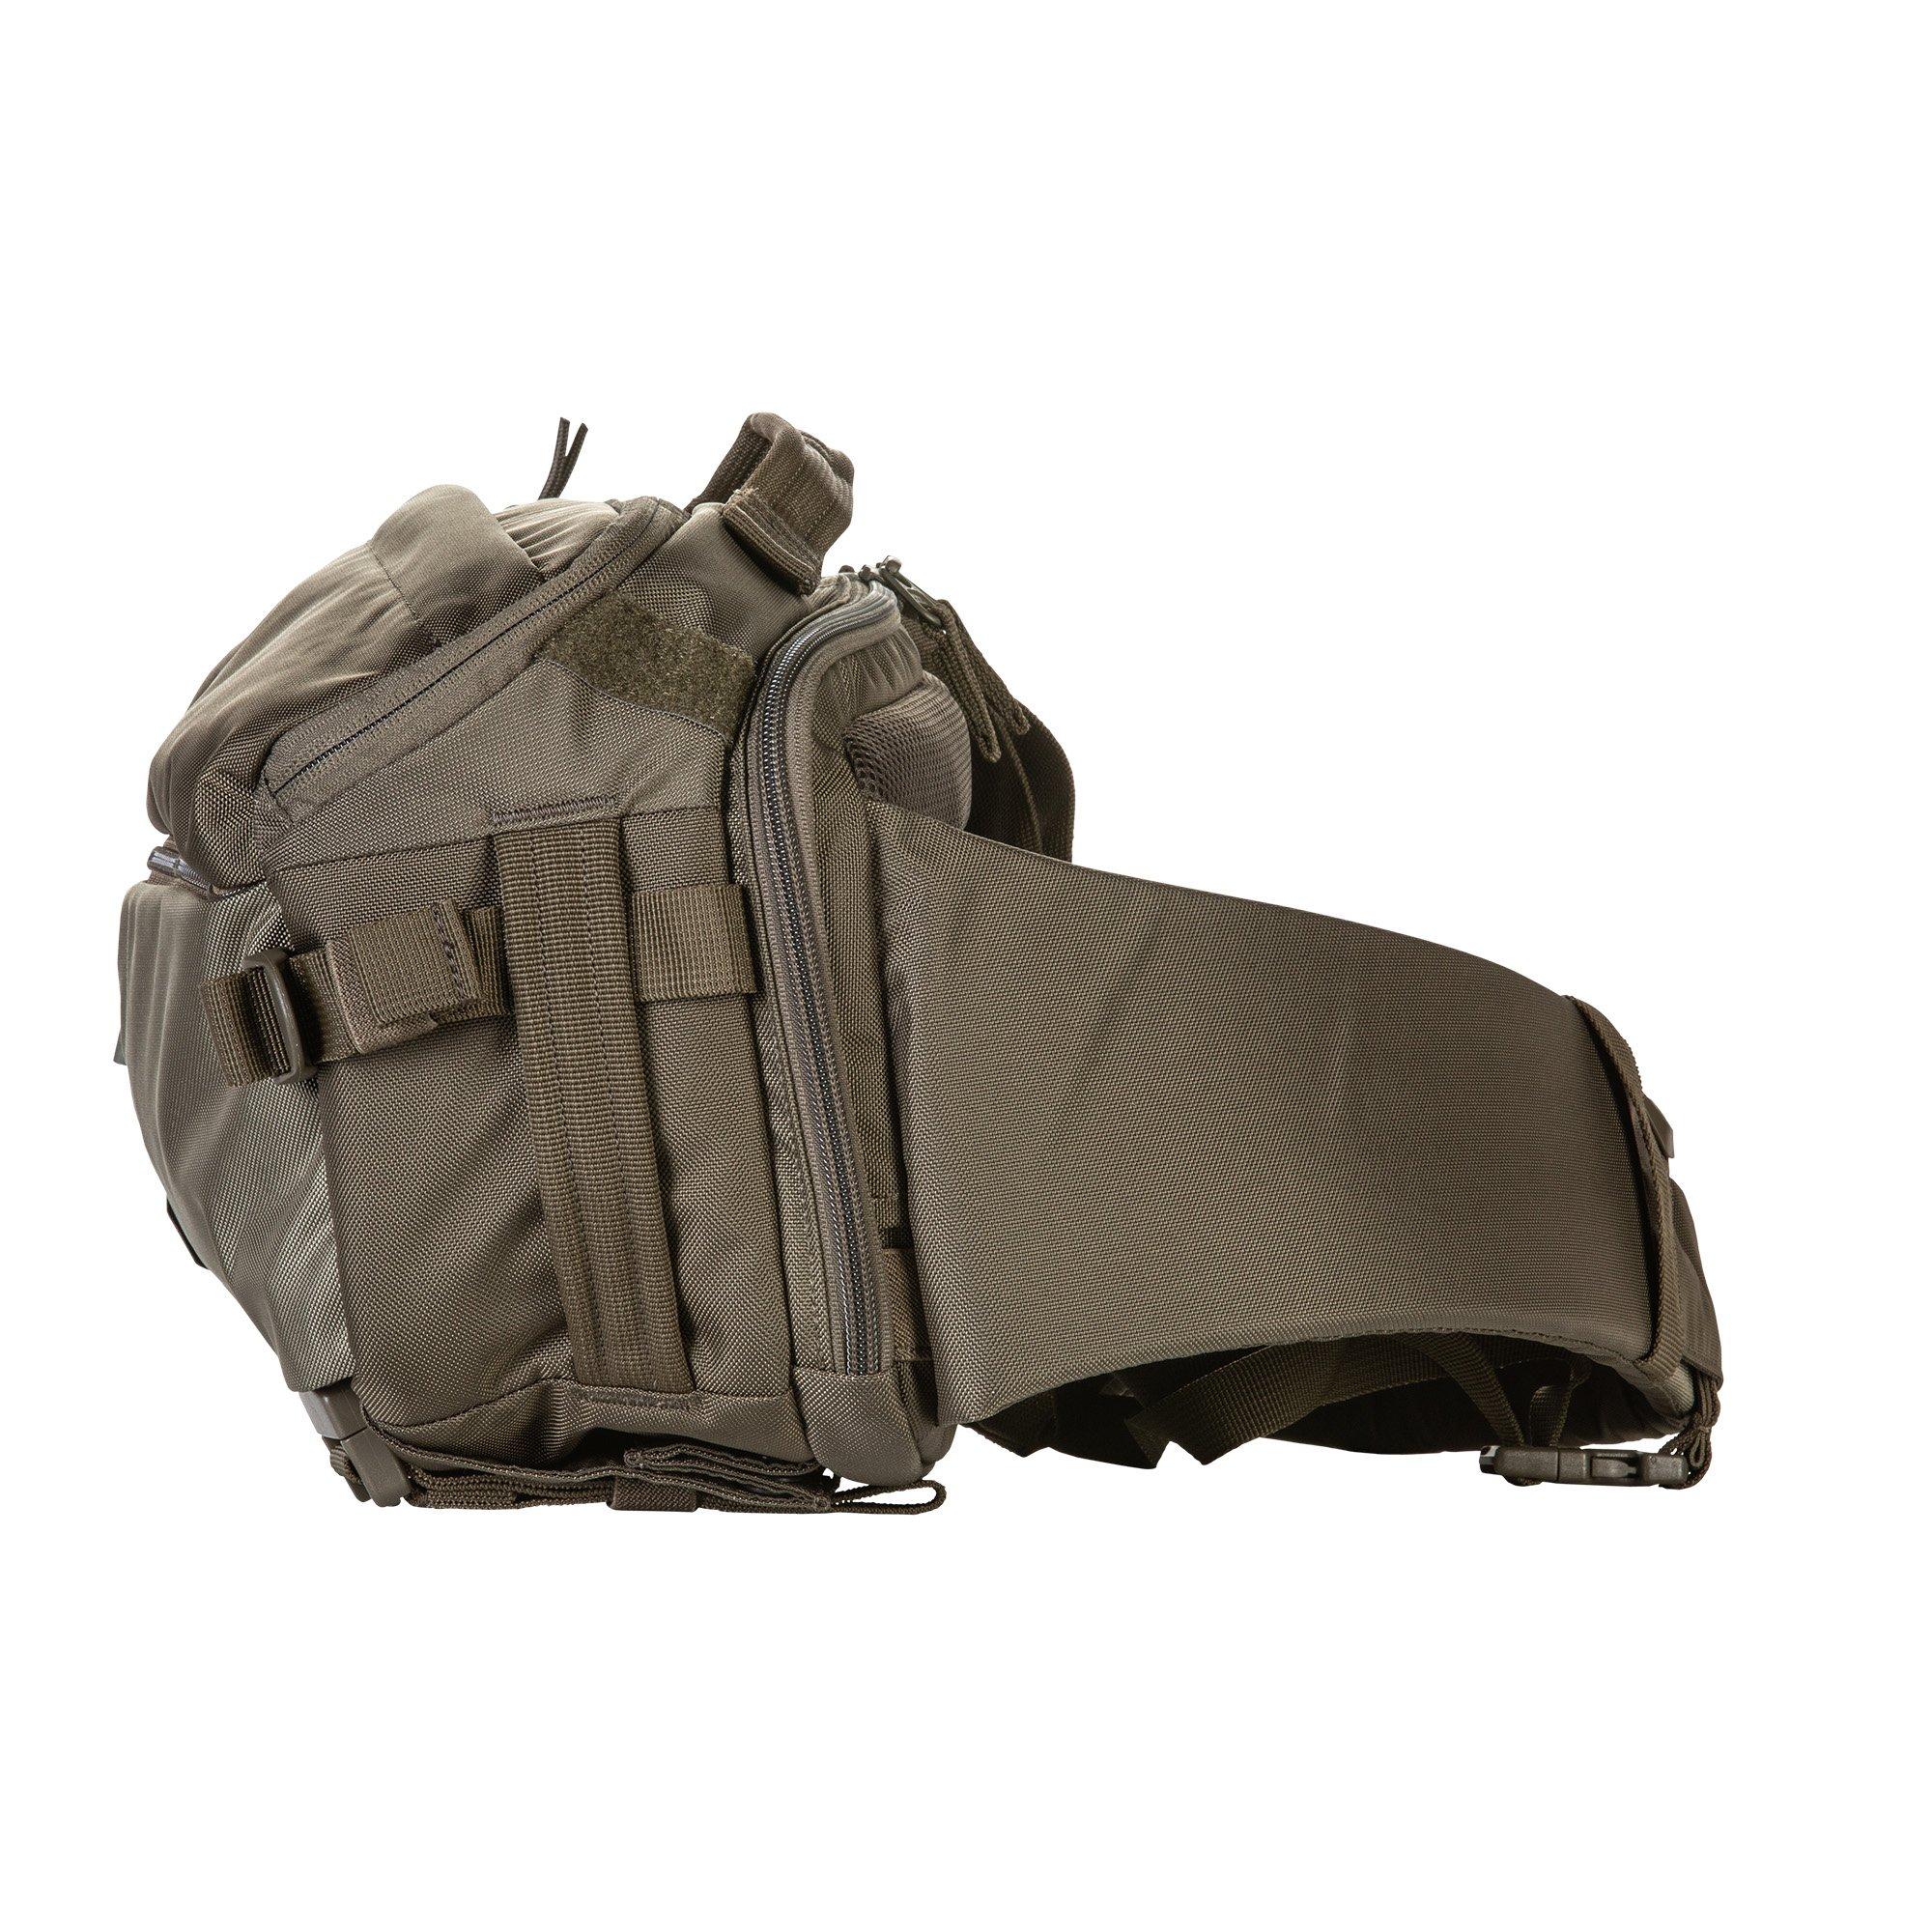 Balo 5.11 Tactical LV10 13L – Tarmac